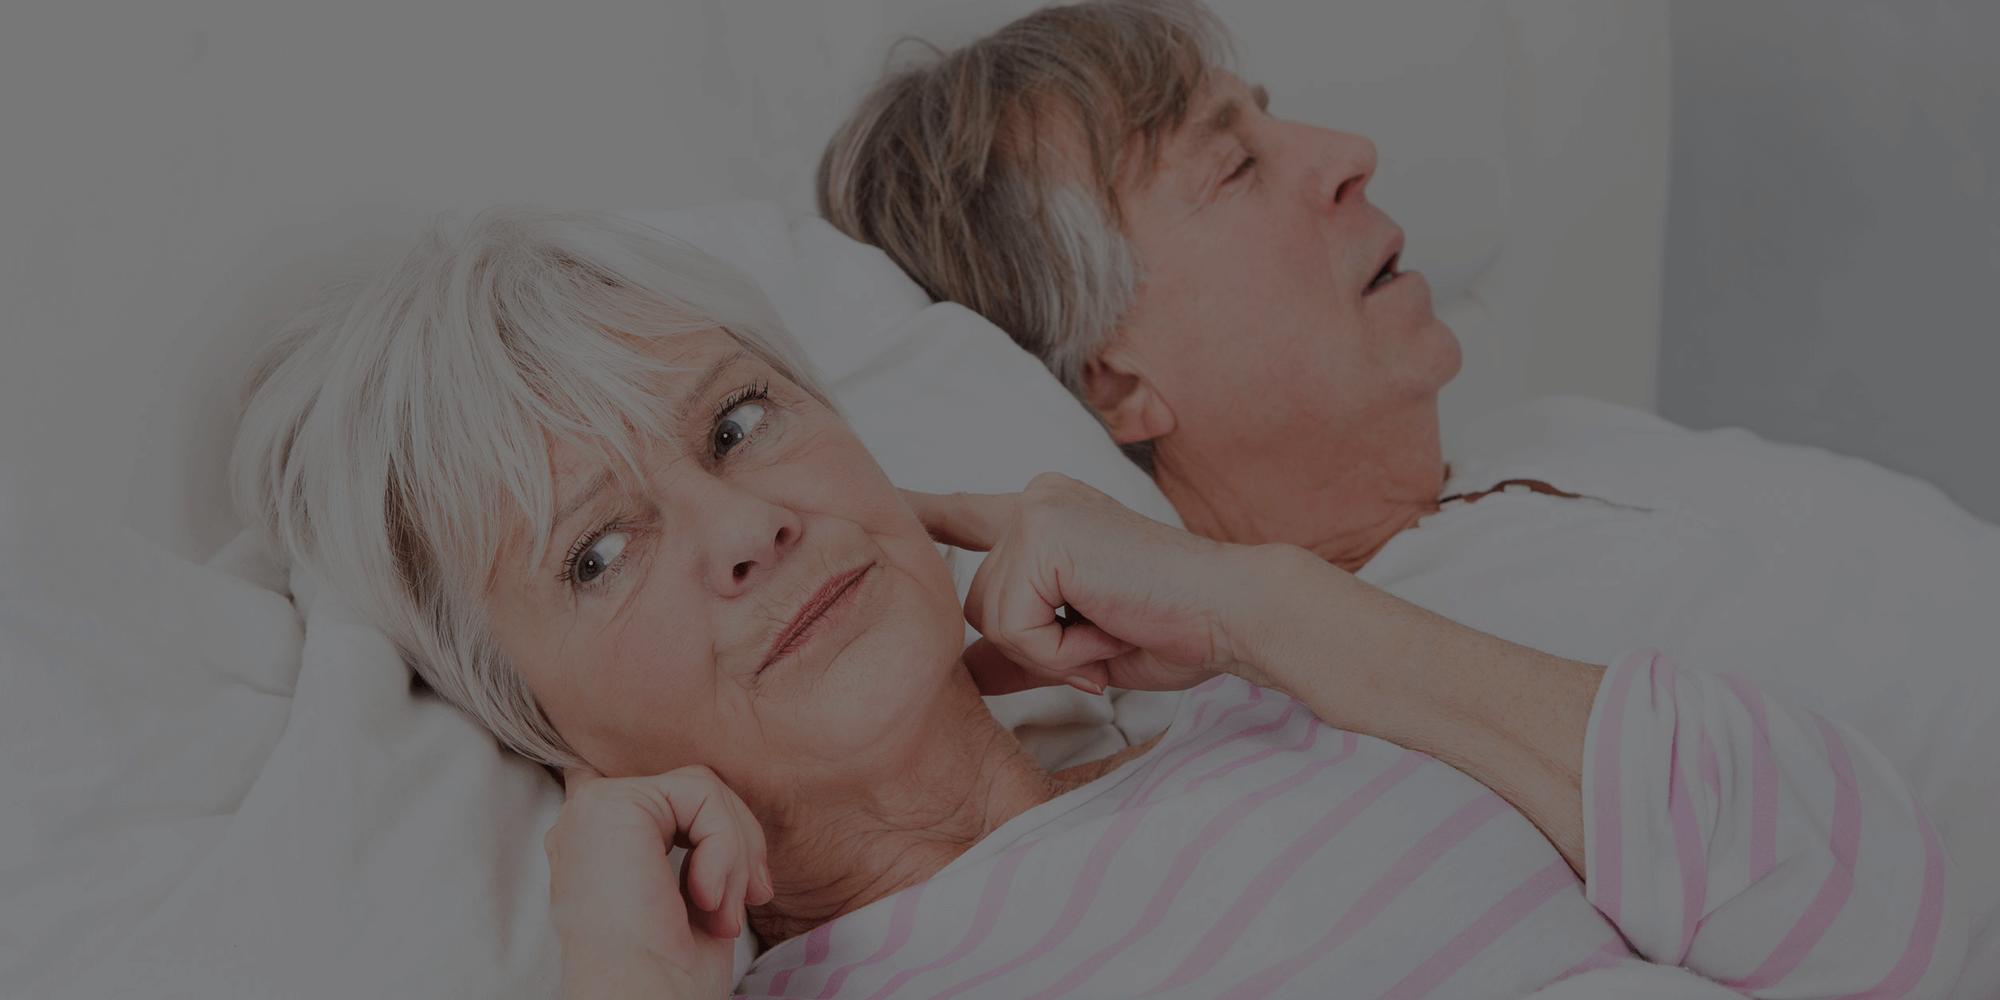 stopsnorkenpar - Bedste ørepropper mod snorken (Anmeldelser)